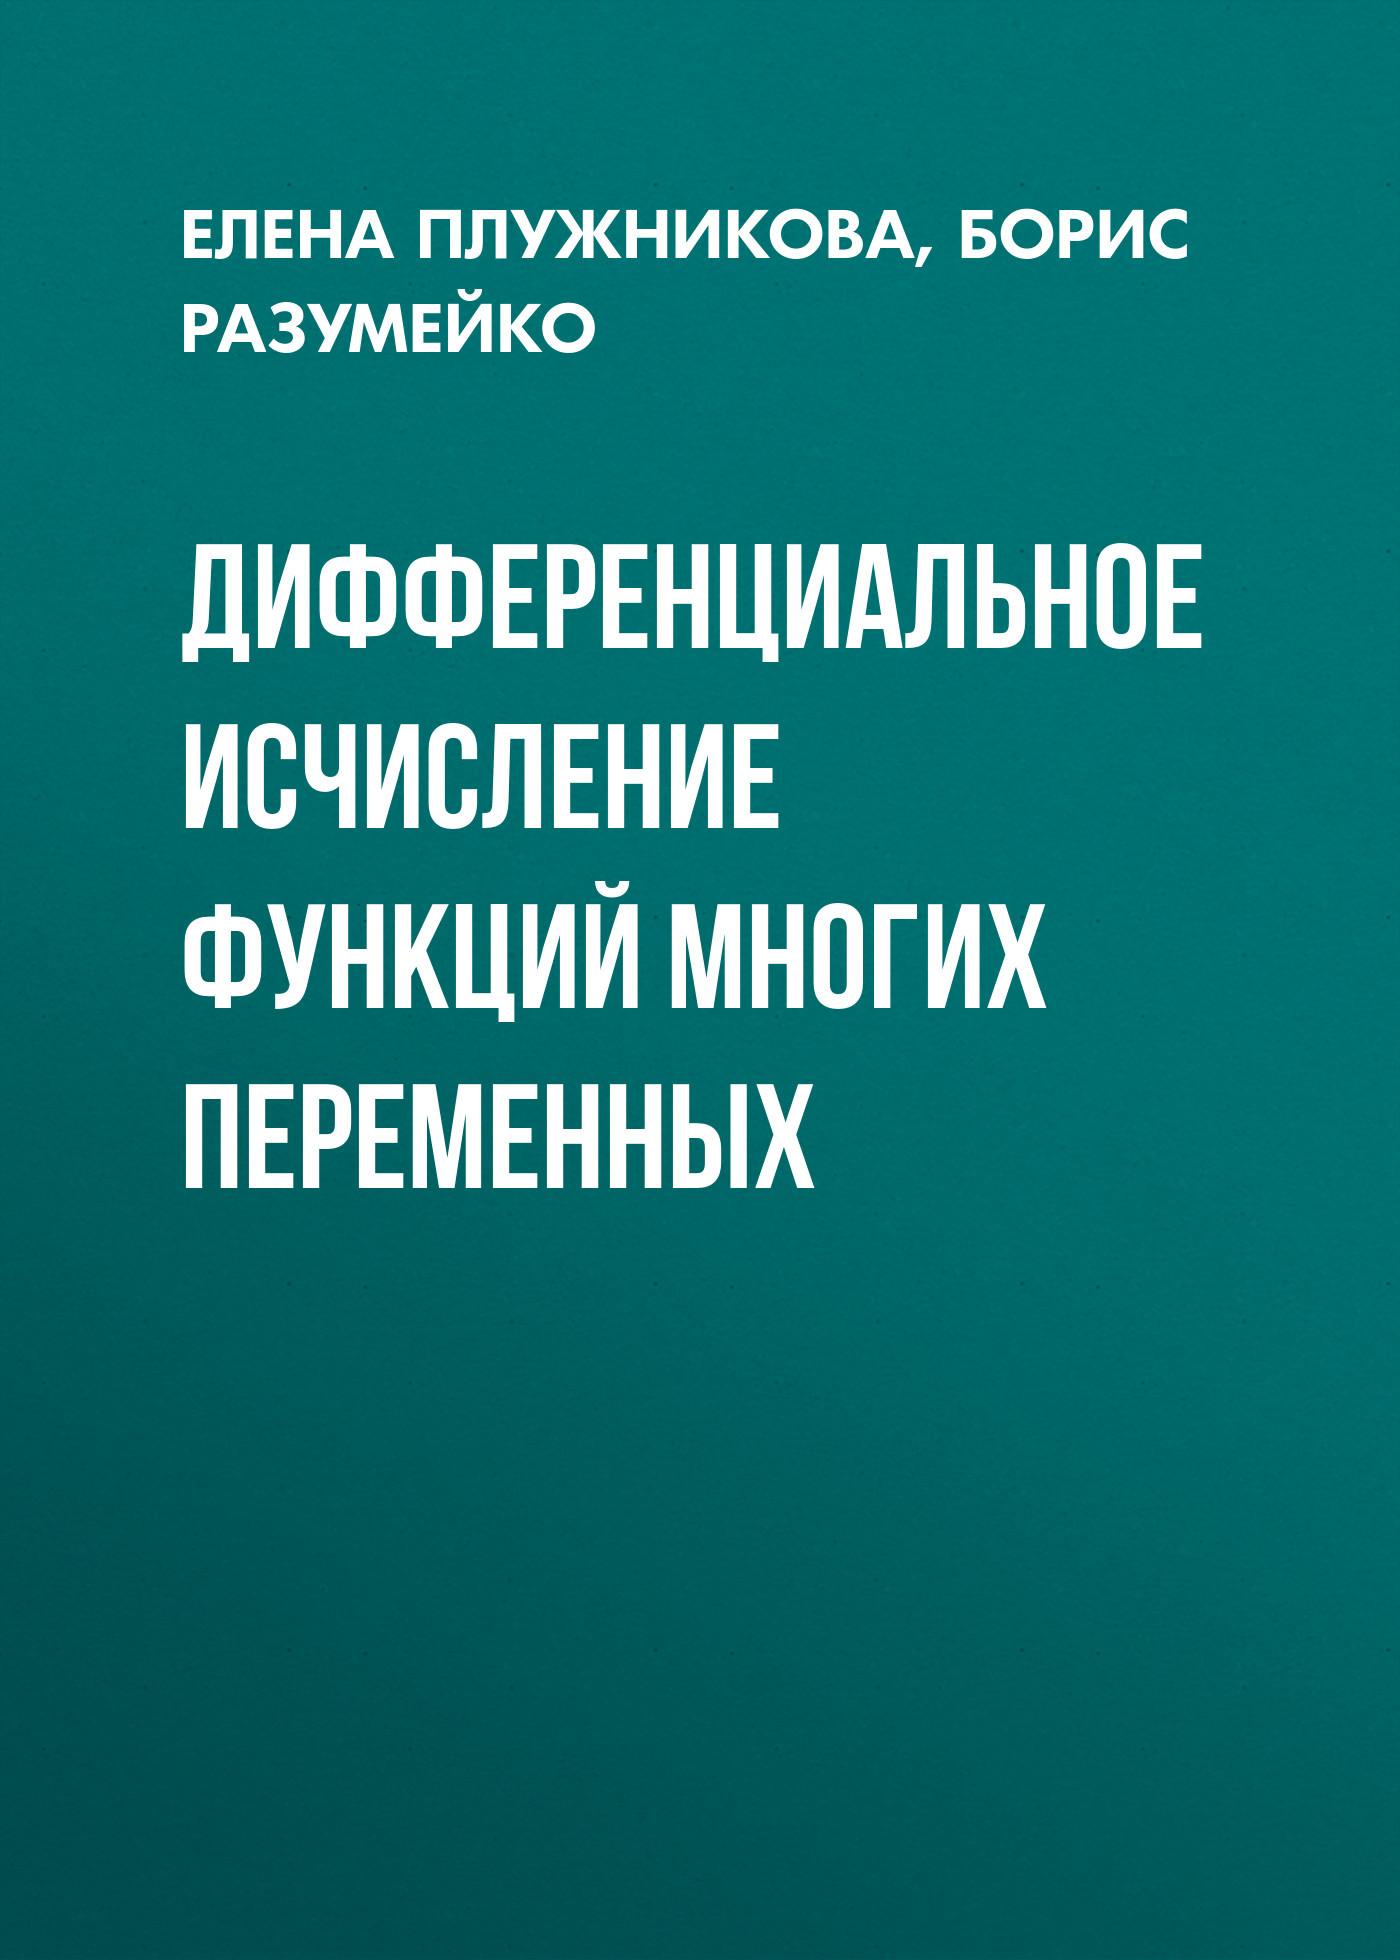 Е. Л. Плужникова Дифференциальное исчисление функций многих переменных